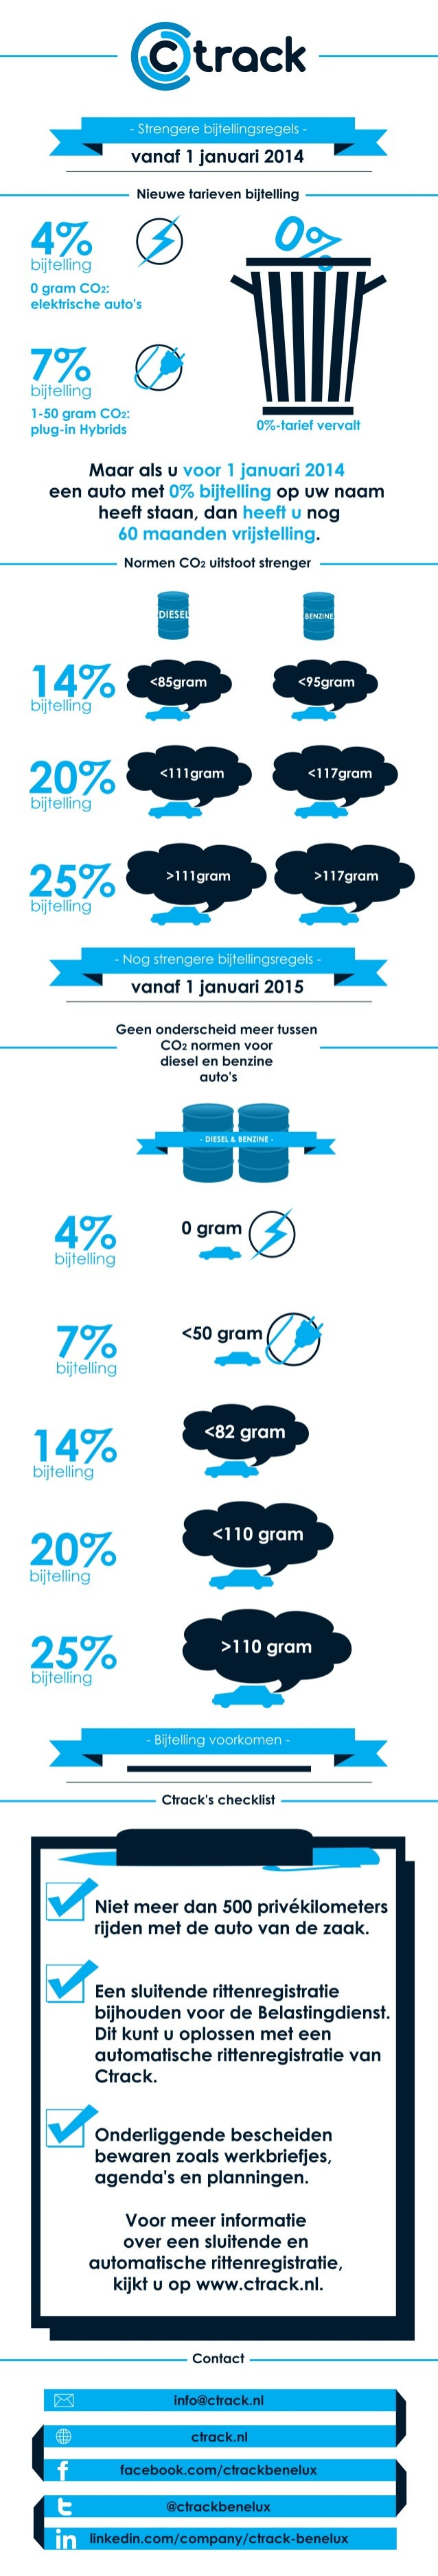 Infographic: welke regels voor de bijtelling veranderen vanaf 1 januari 2014?